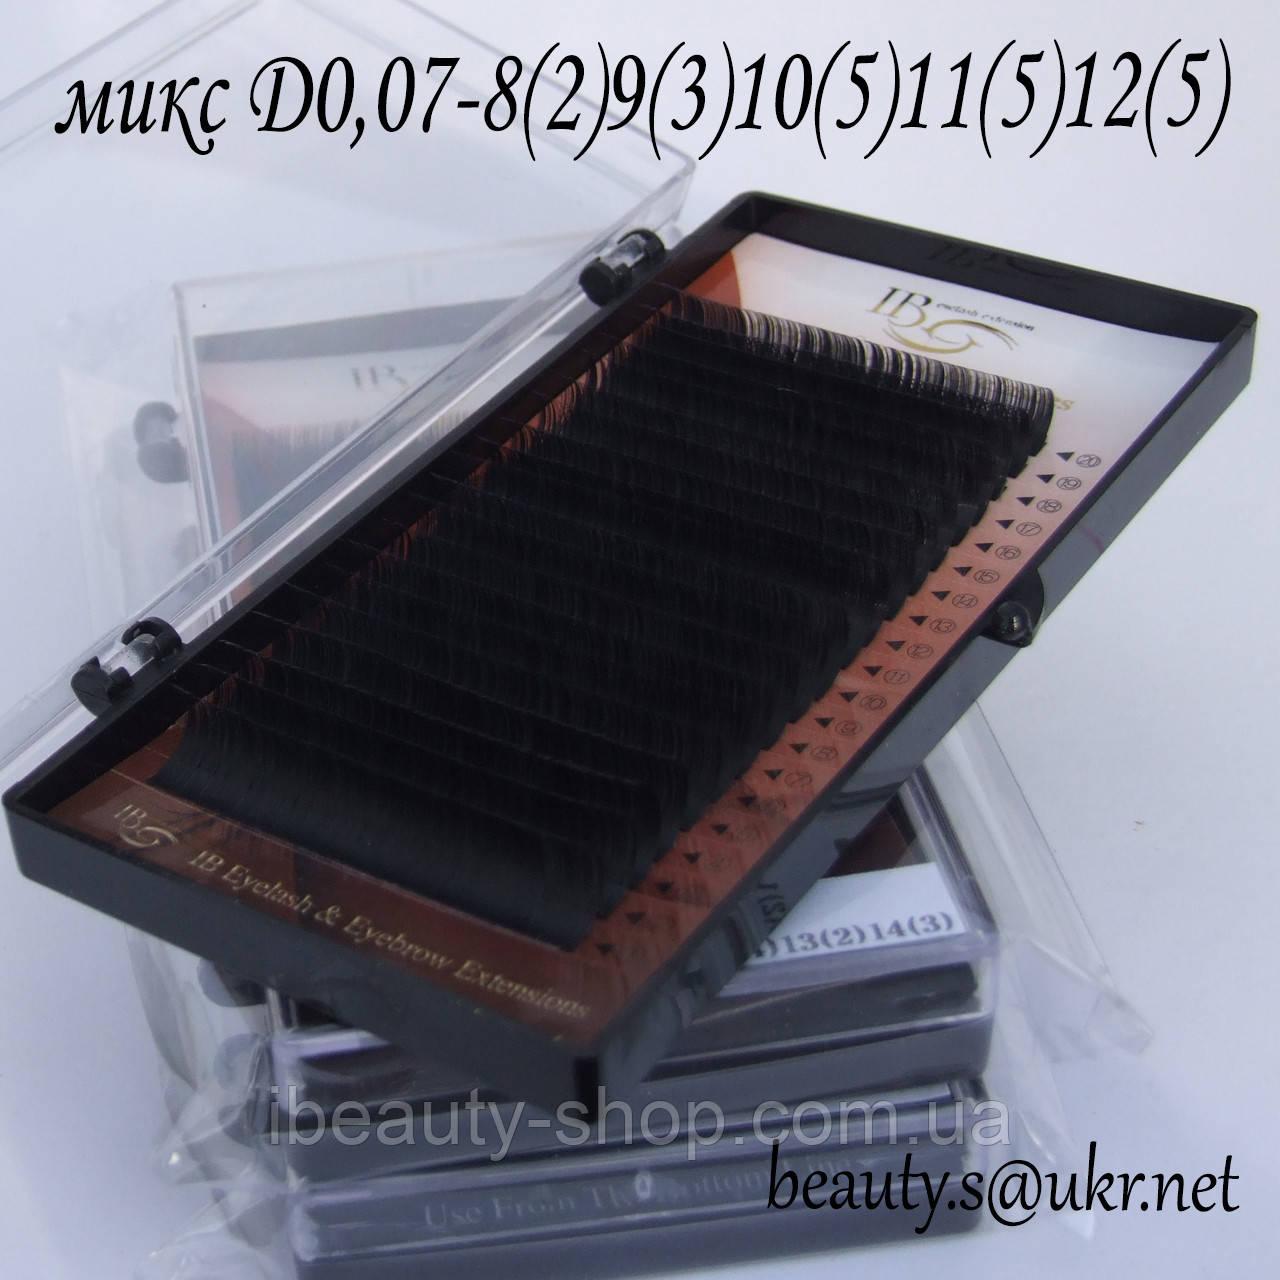 Ресницы I-Beauty микс D-0,07 8-12мм